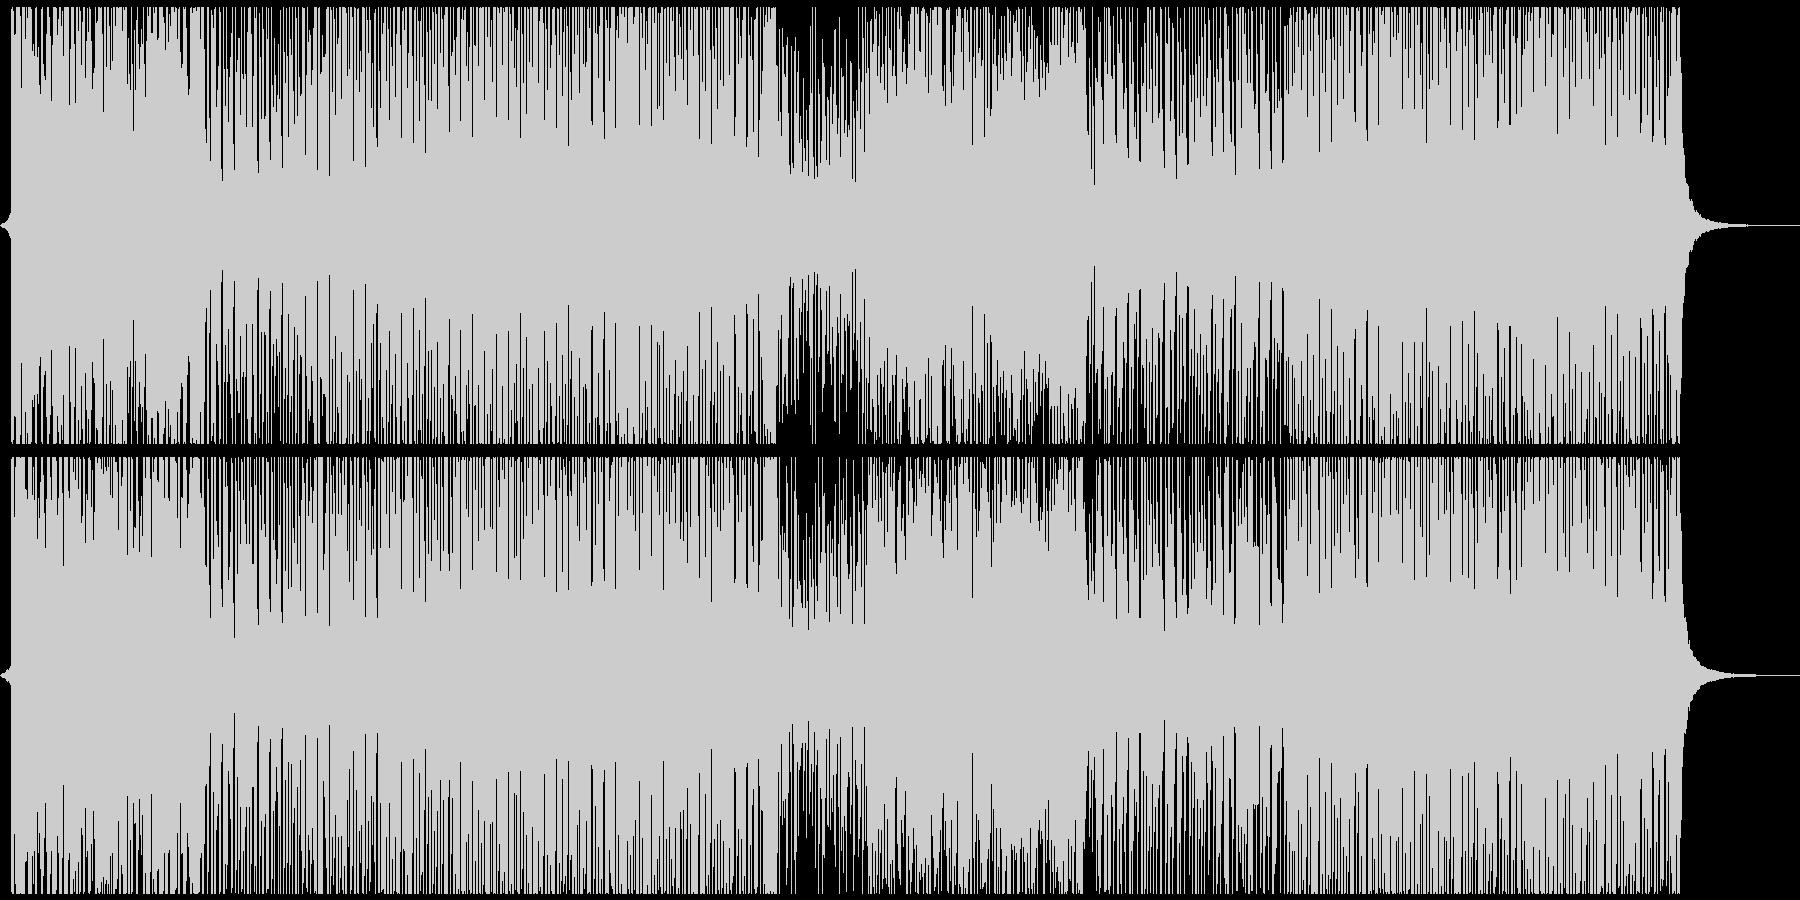 トロピカルで明るいハウスの未再生の波形